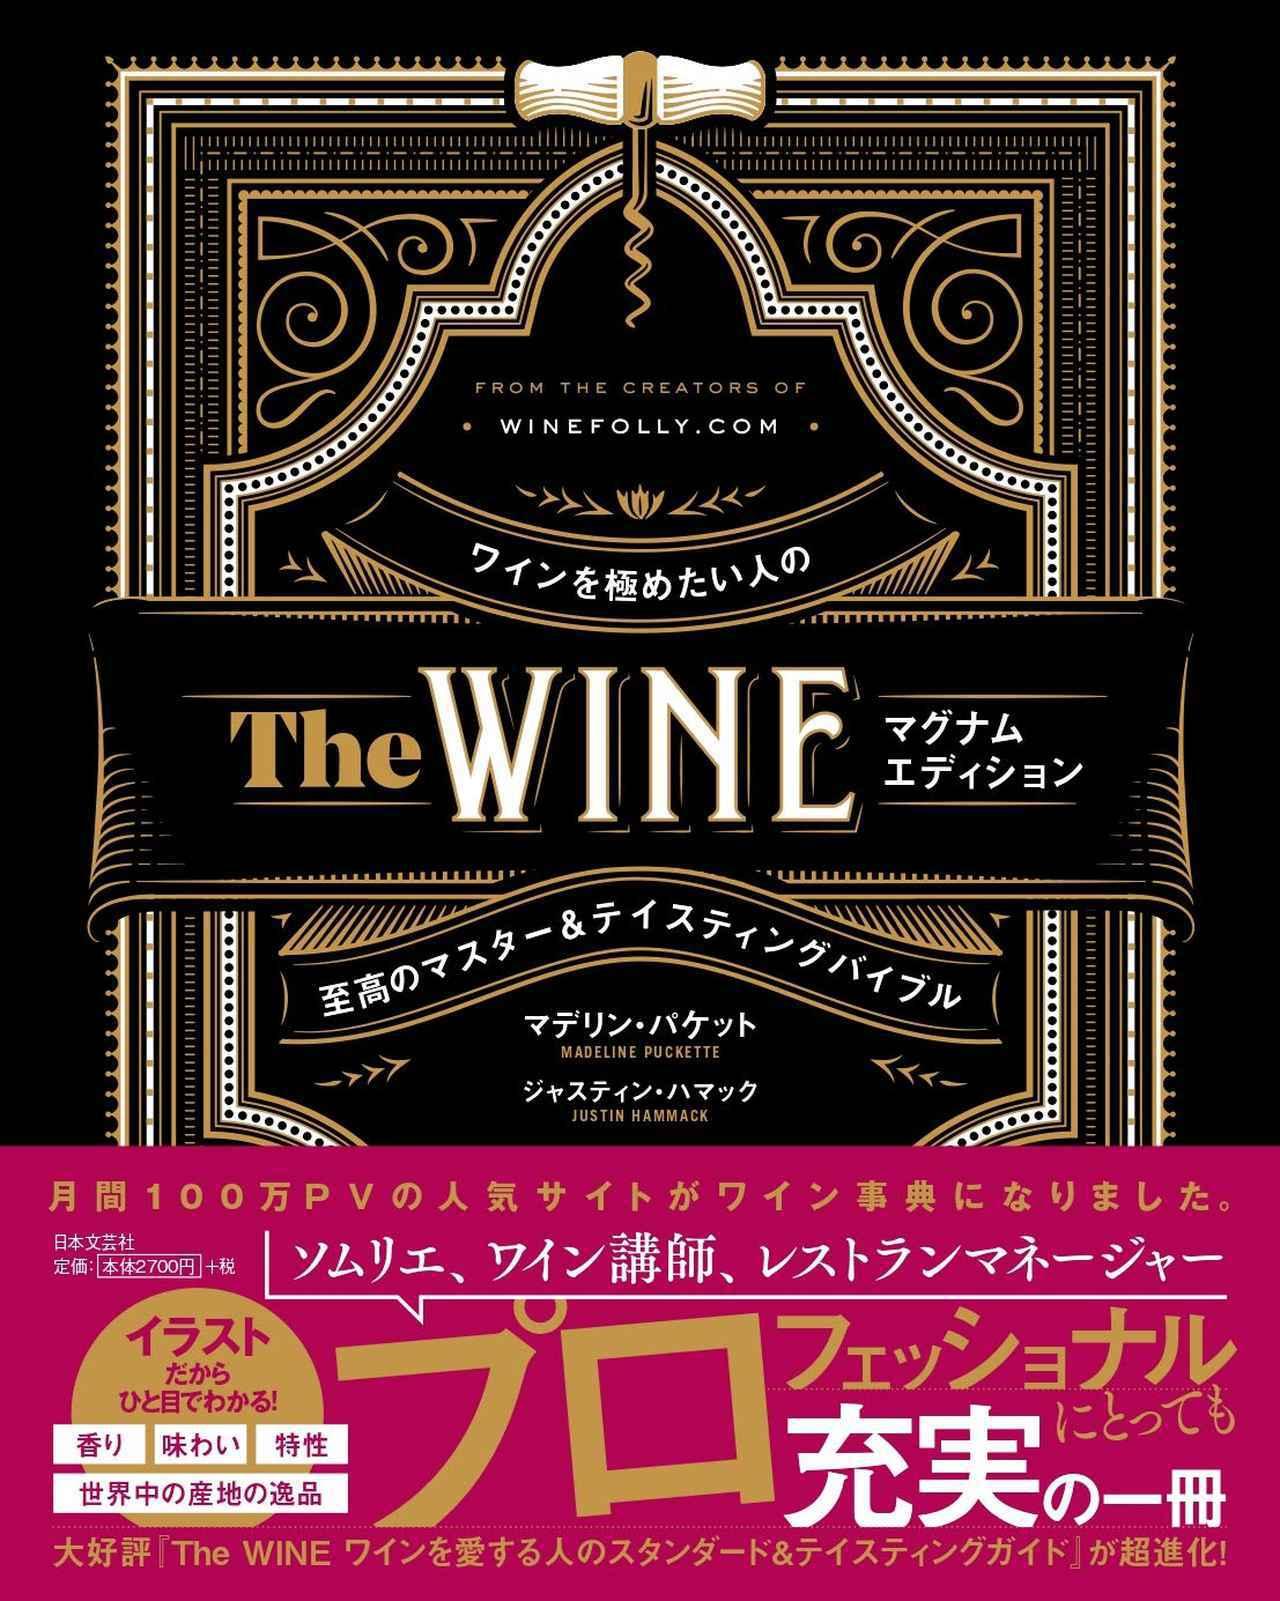 画像: 『The WINEマ グナムエディション ワインを極めたい人のマスター&テイスティングバイブル』〜WK Library お勧めブックガイド〜